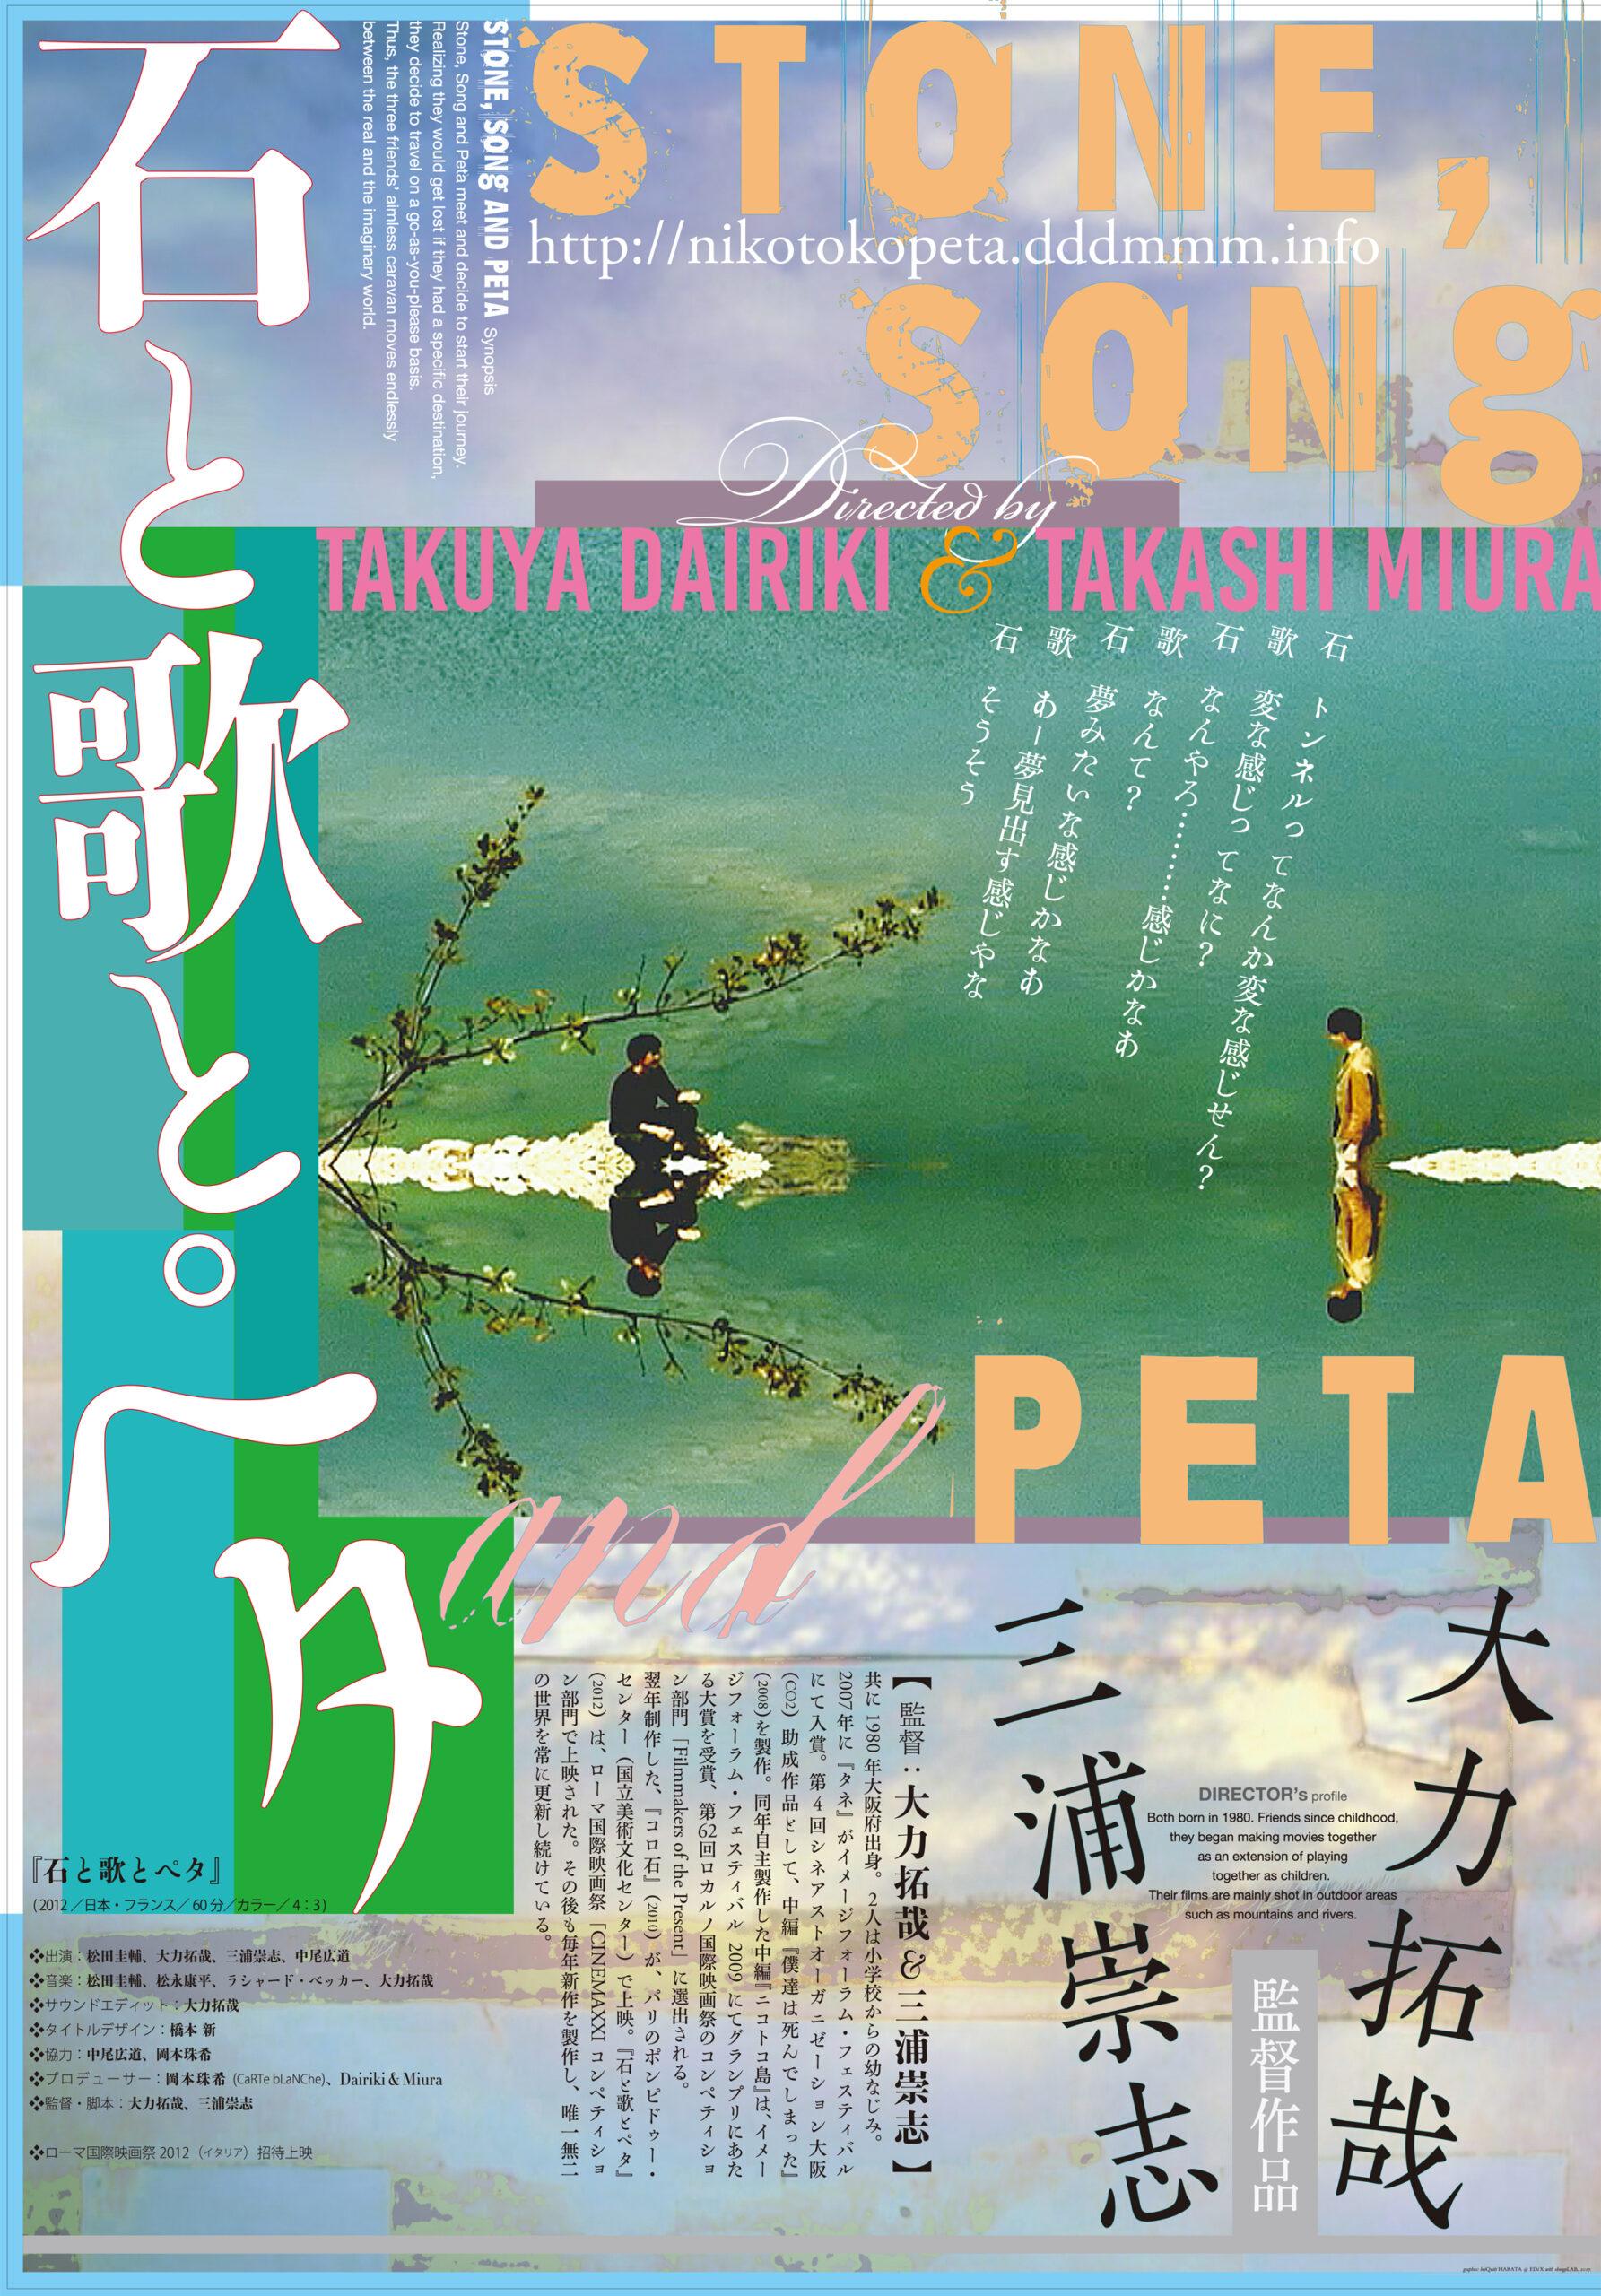 『二コトコ島』&『石と歌とペタ』